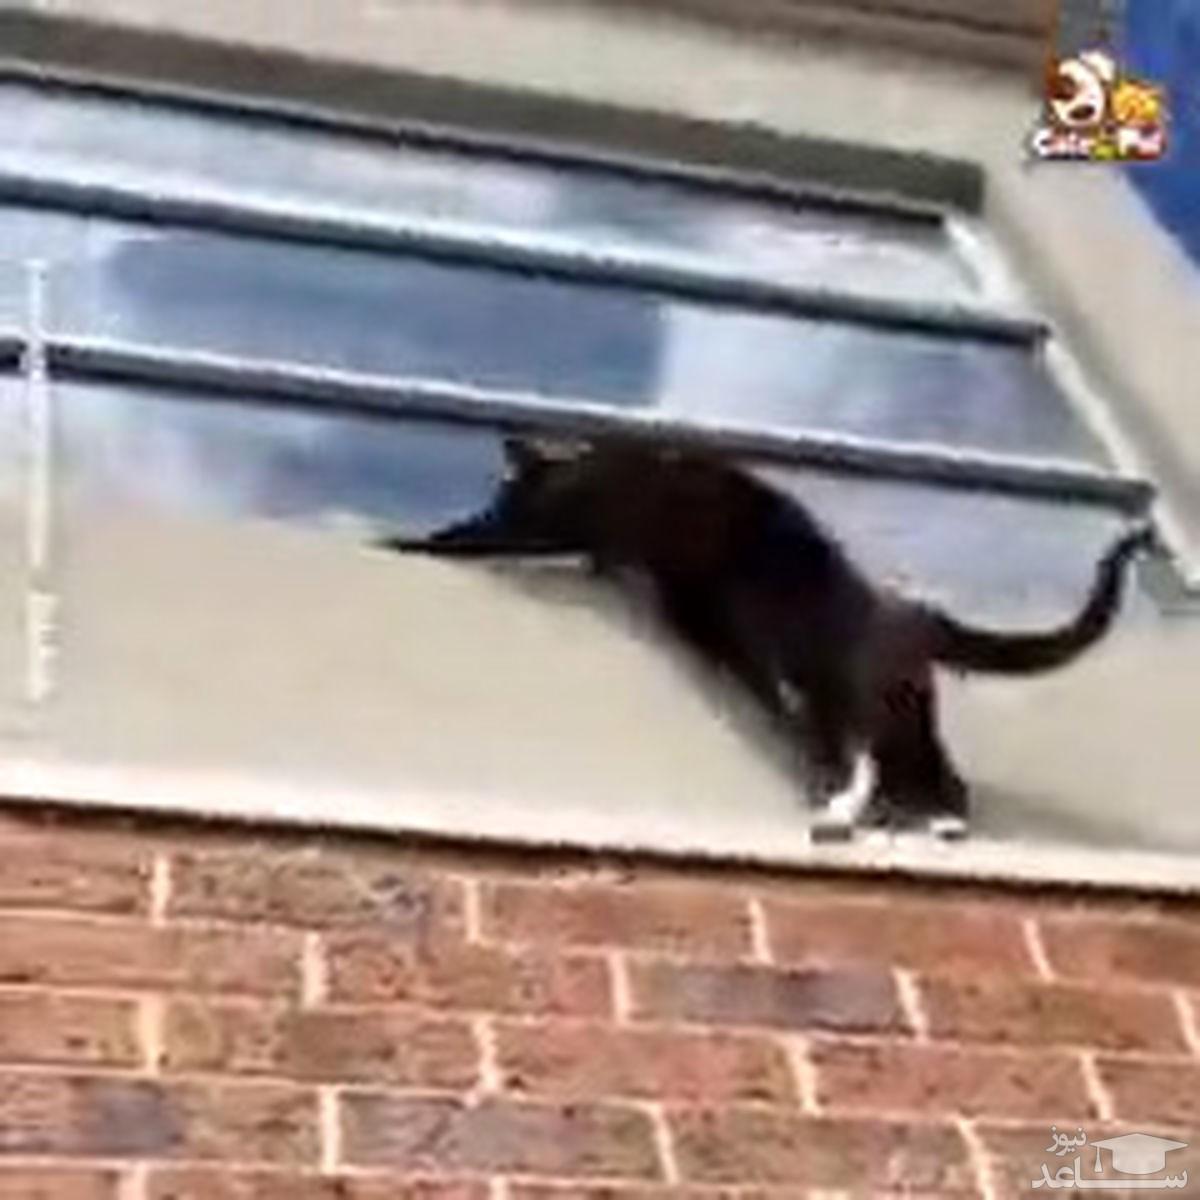 ویدئو جالب از گربههای کماندو